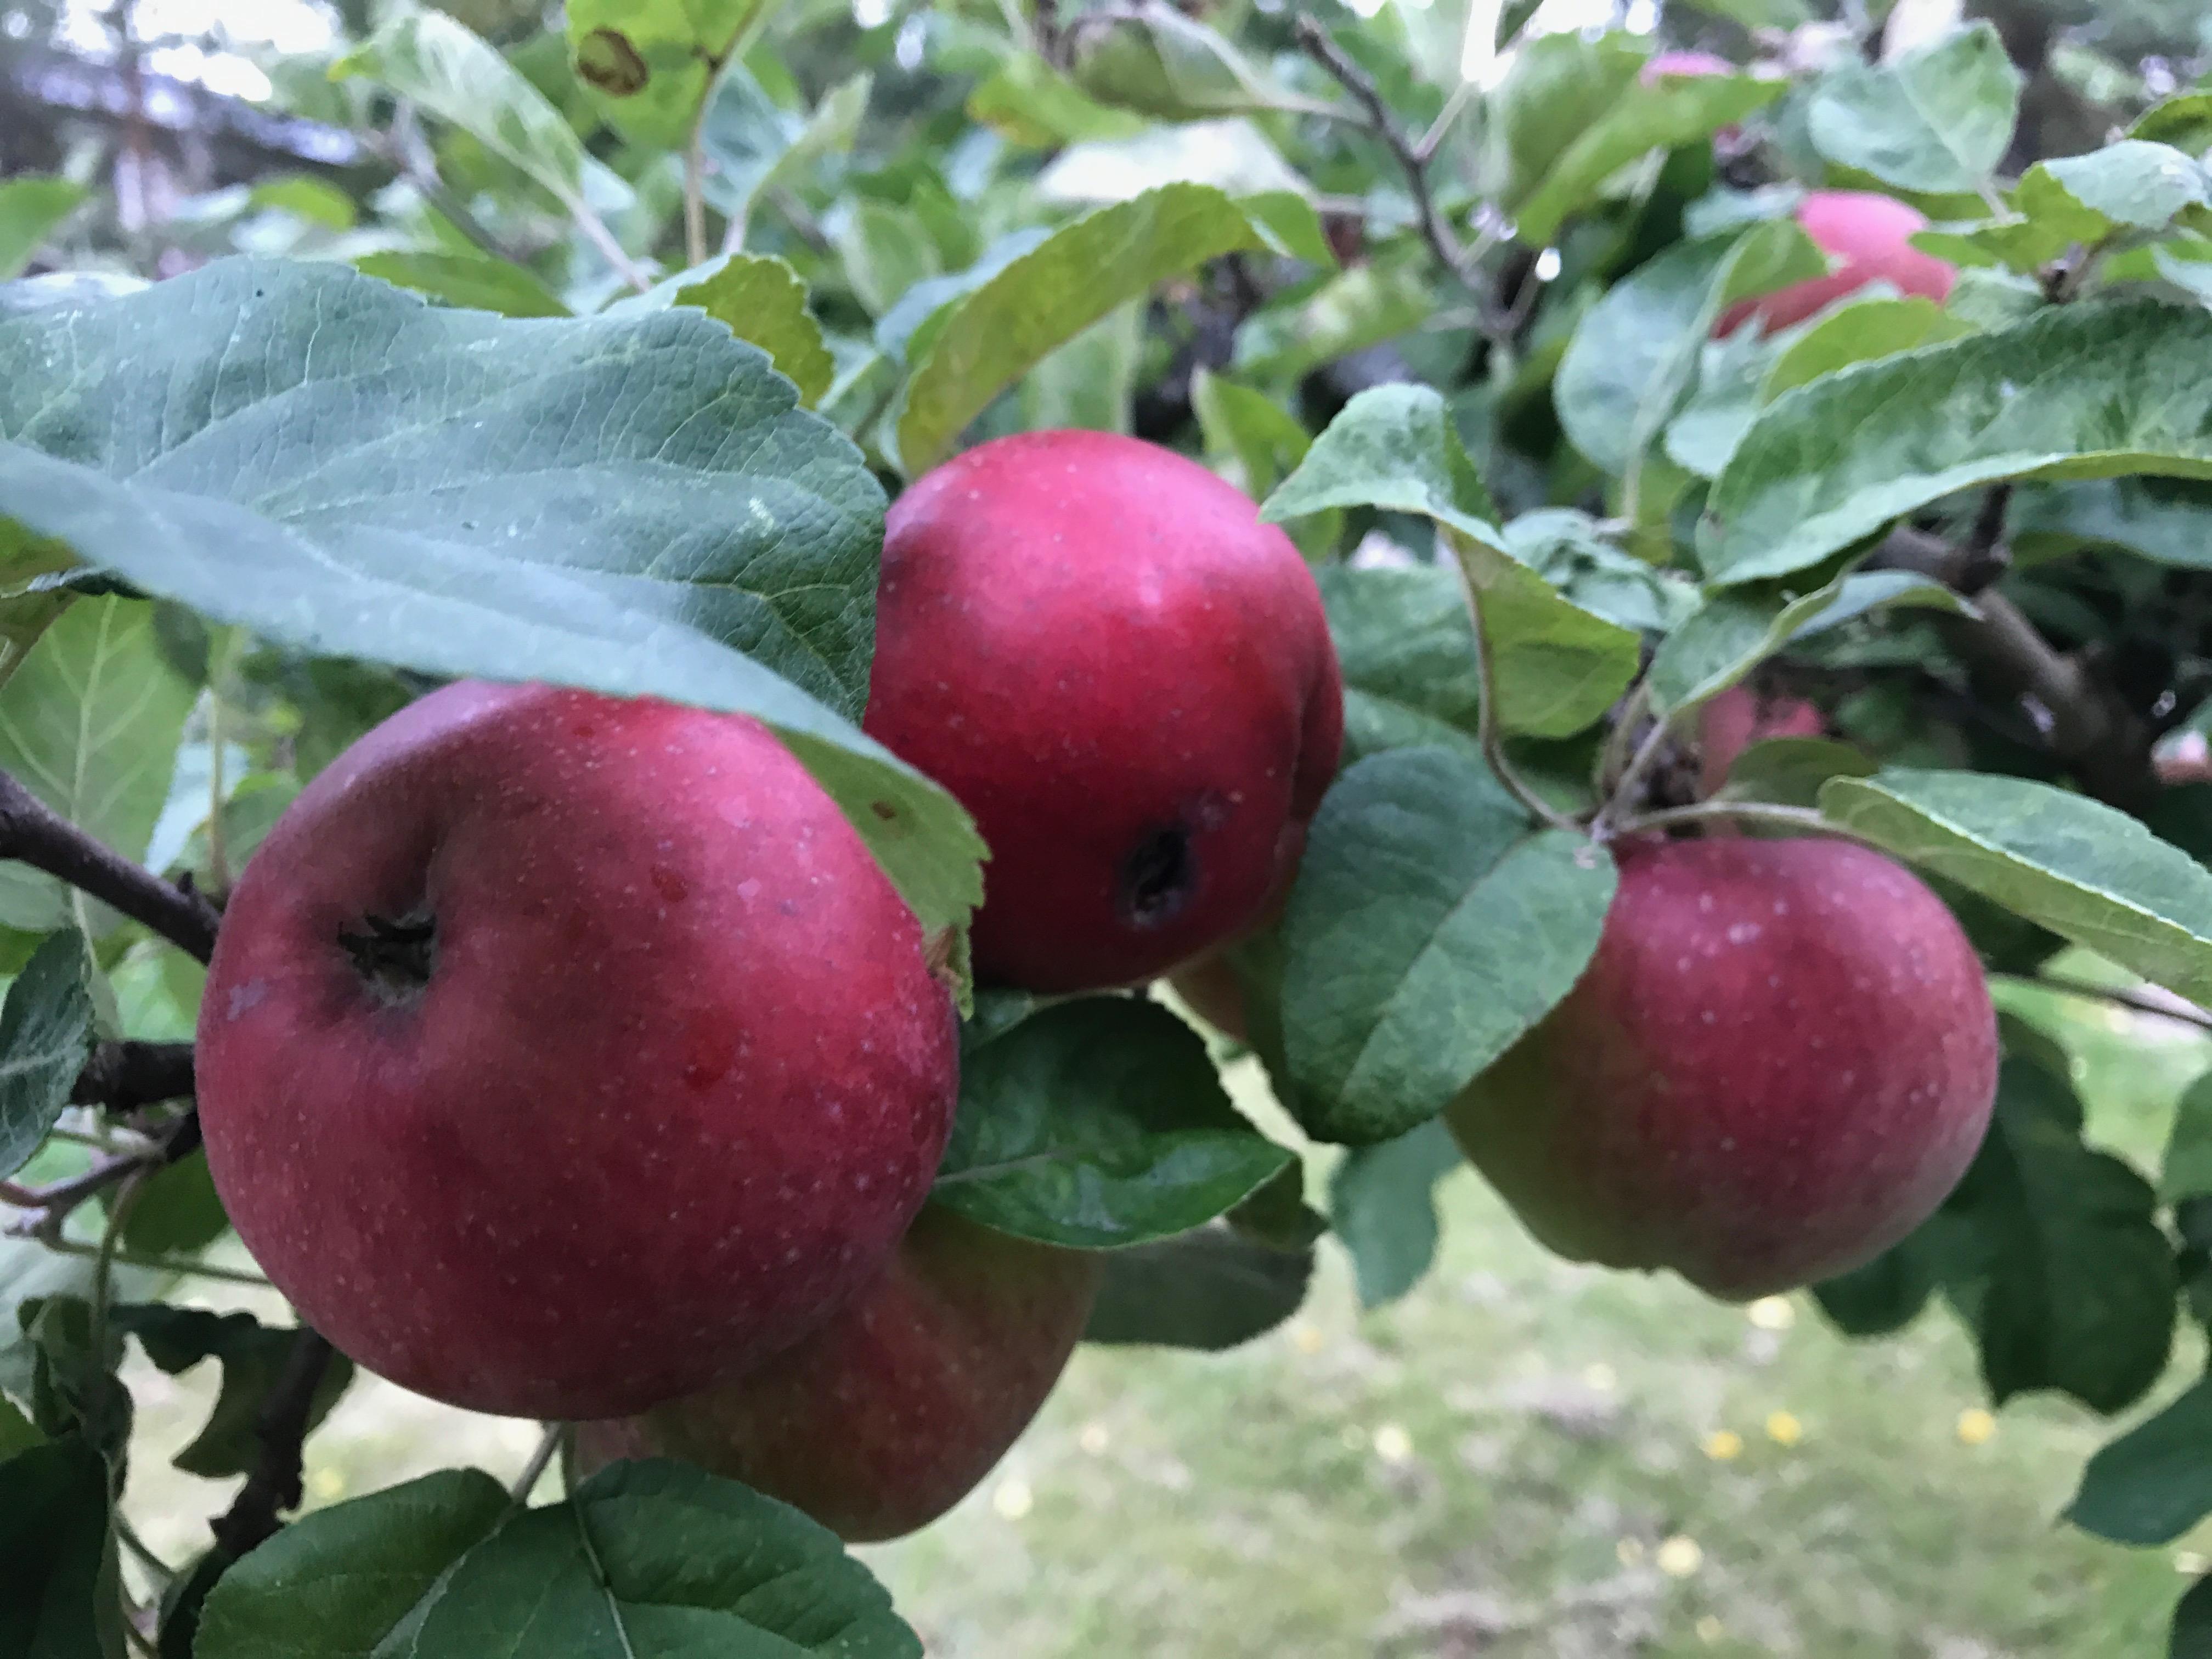 Röda äpplen på kvist